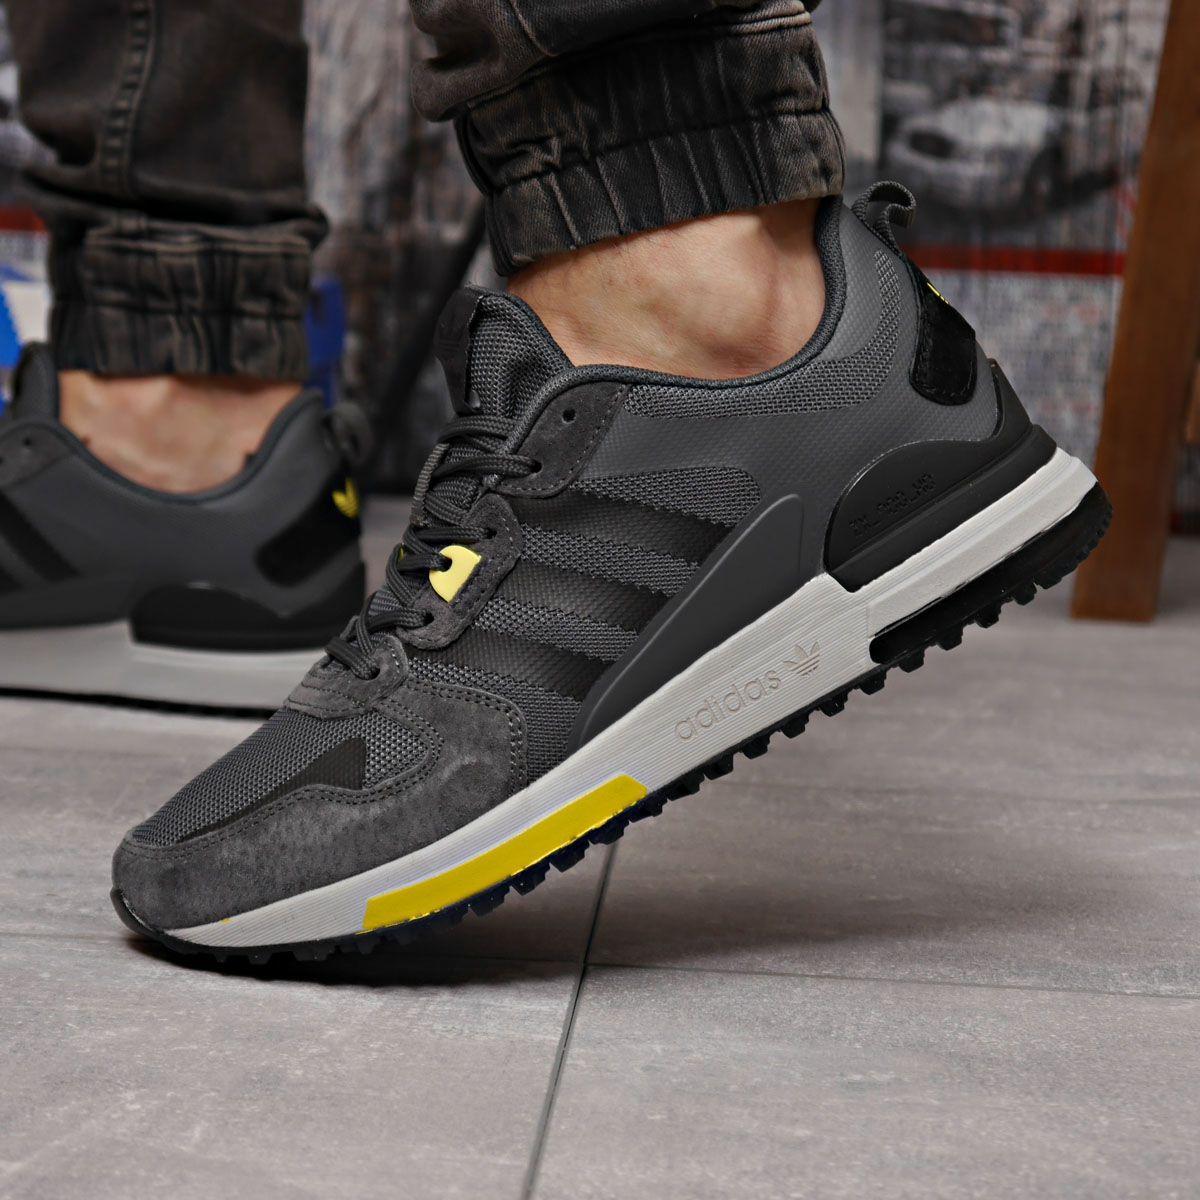 Кросівки чоловічі 18281, Adidas Zx 700 HO, темно-сірі, [ 41 42 43 44 45 ] р. 41-26,0 див.